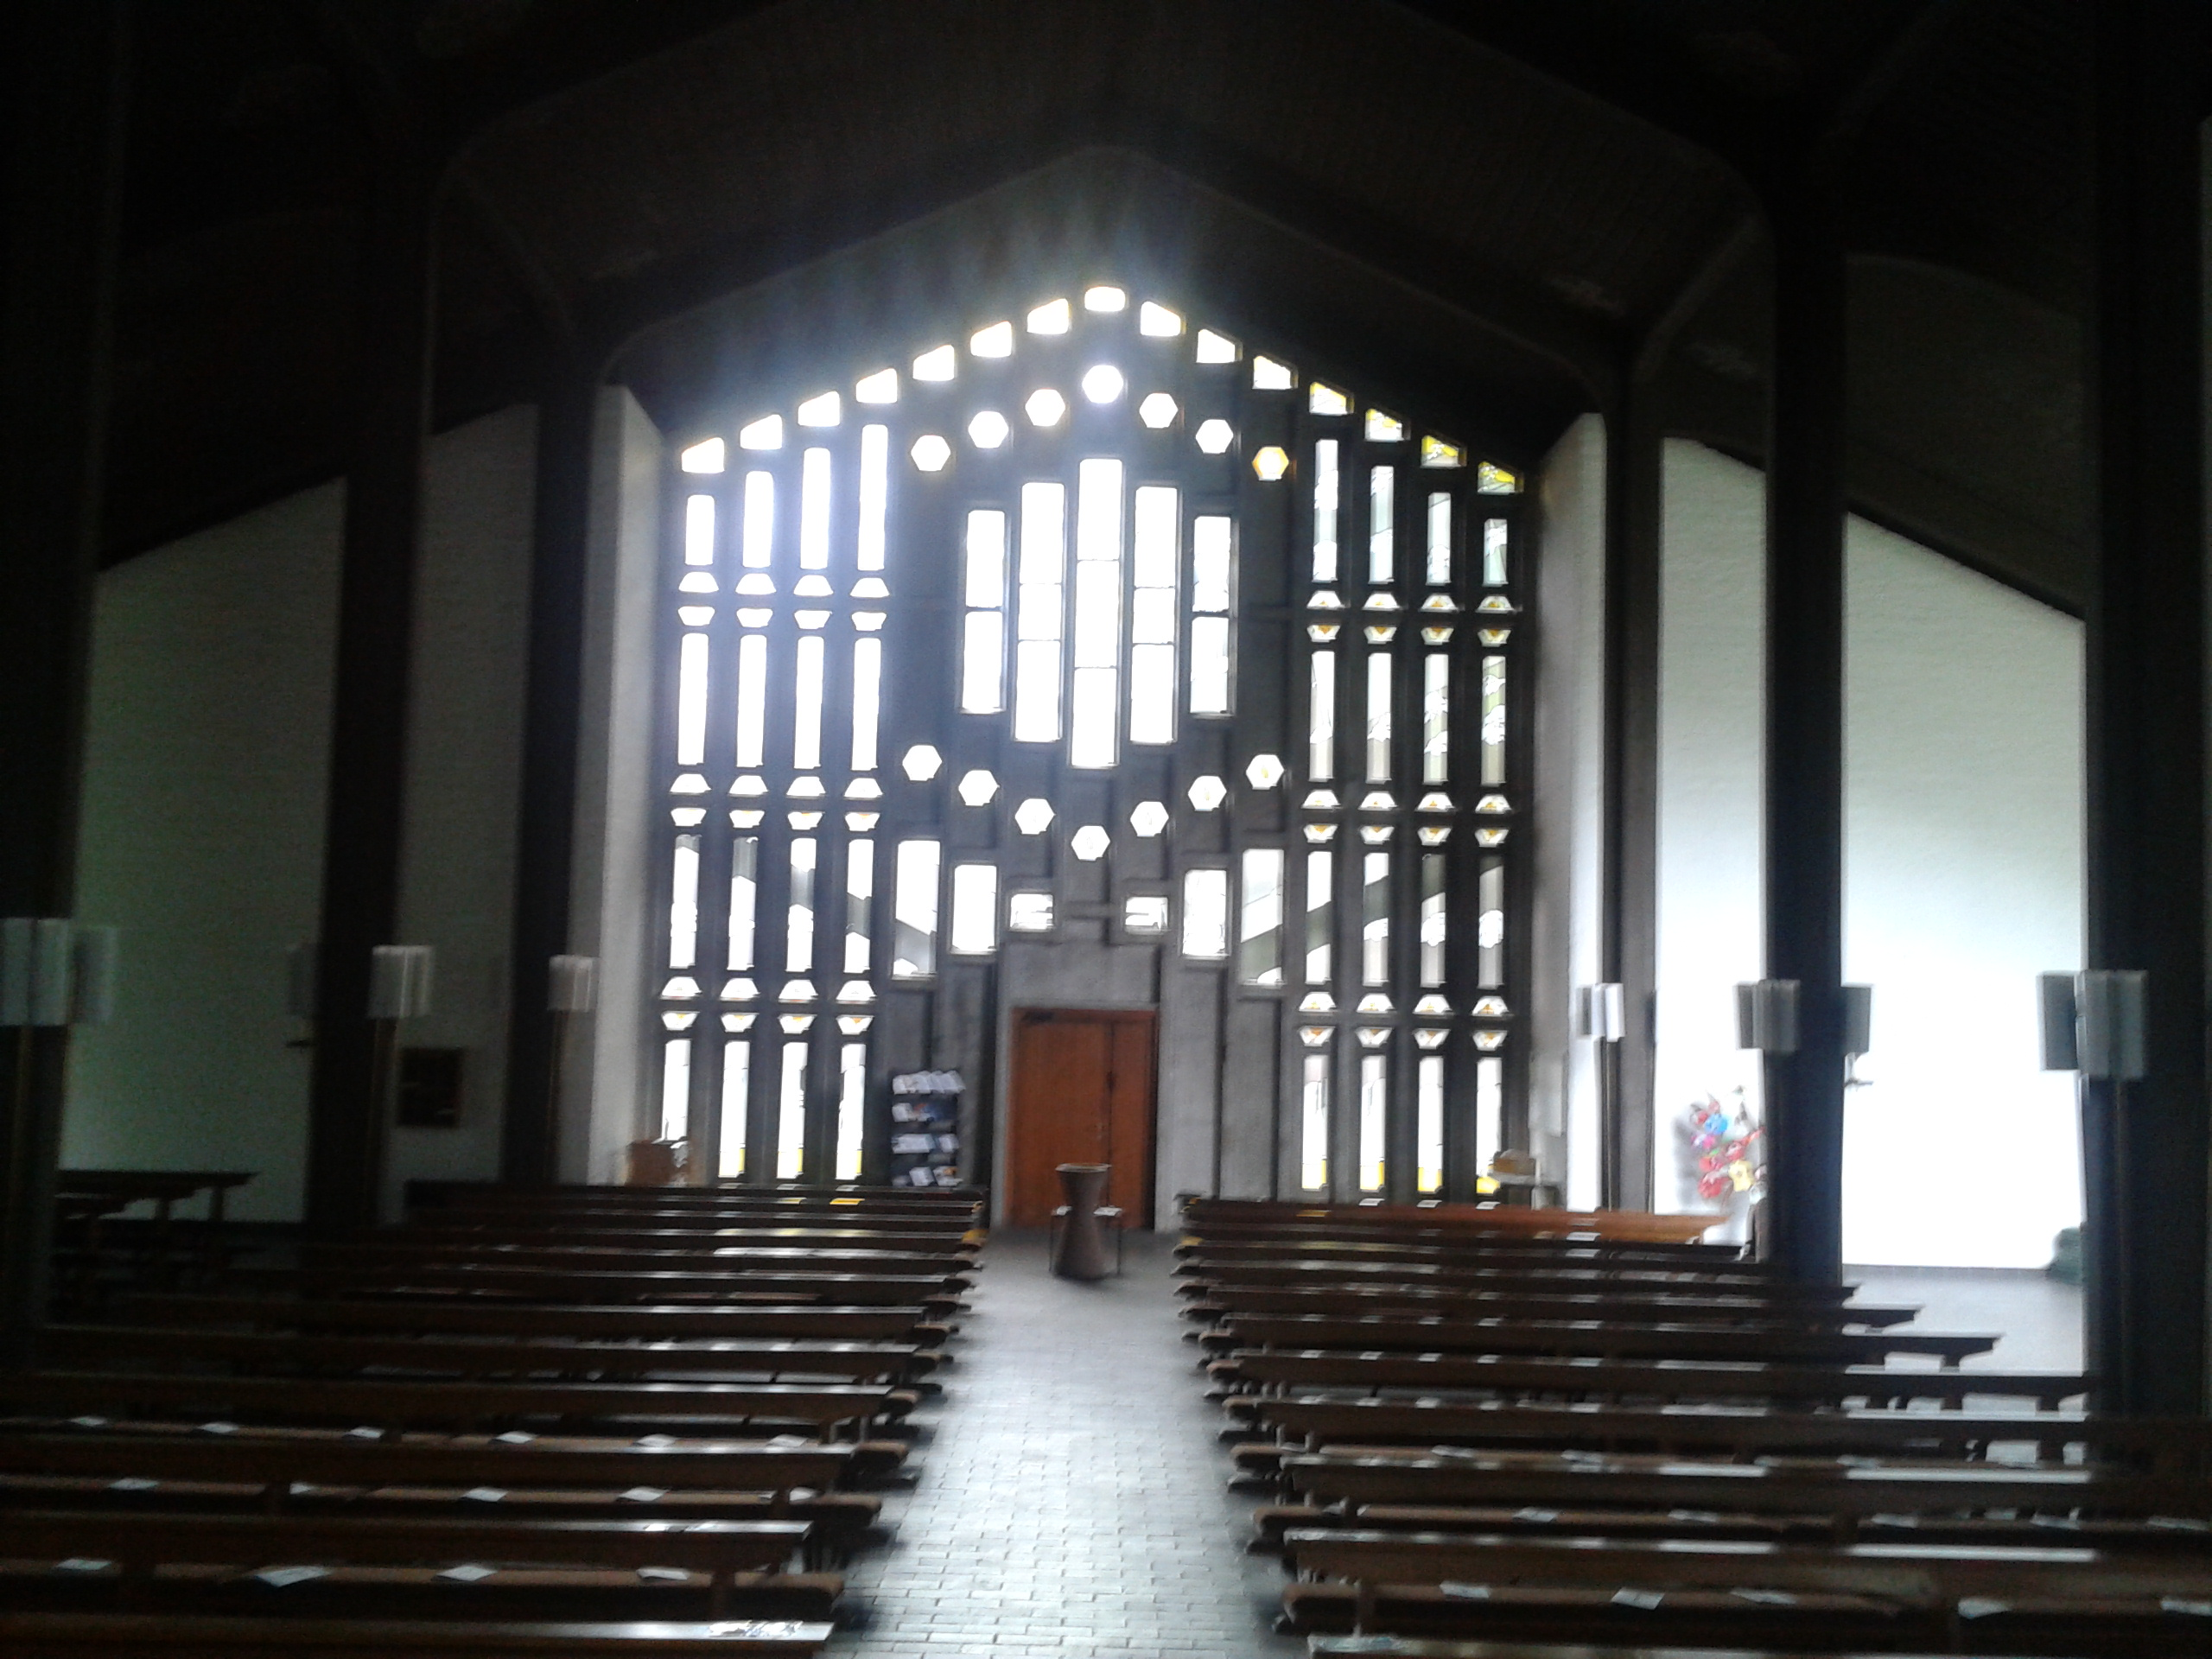 Innenfenster  Datei:Zum Göttlichen Erlöser Köln-Rath Innen Fenster.jpg – Wikipedia